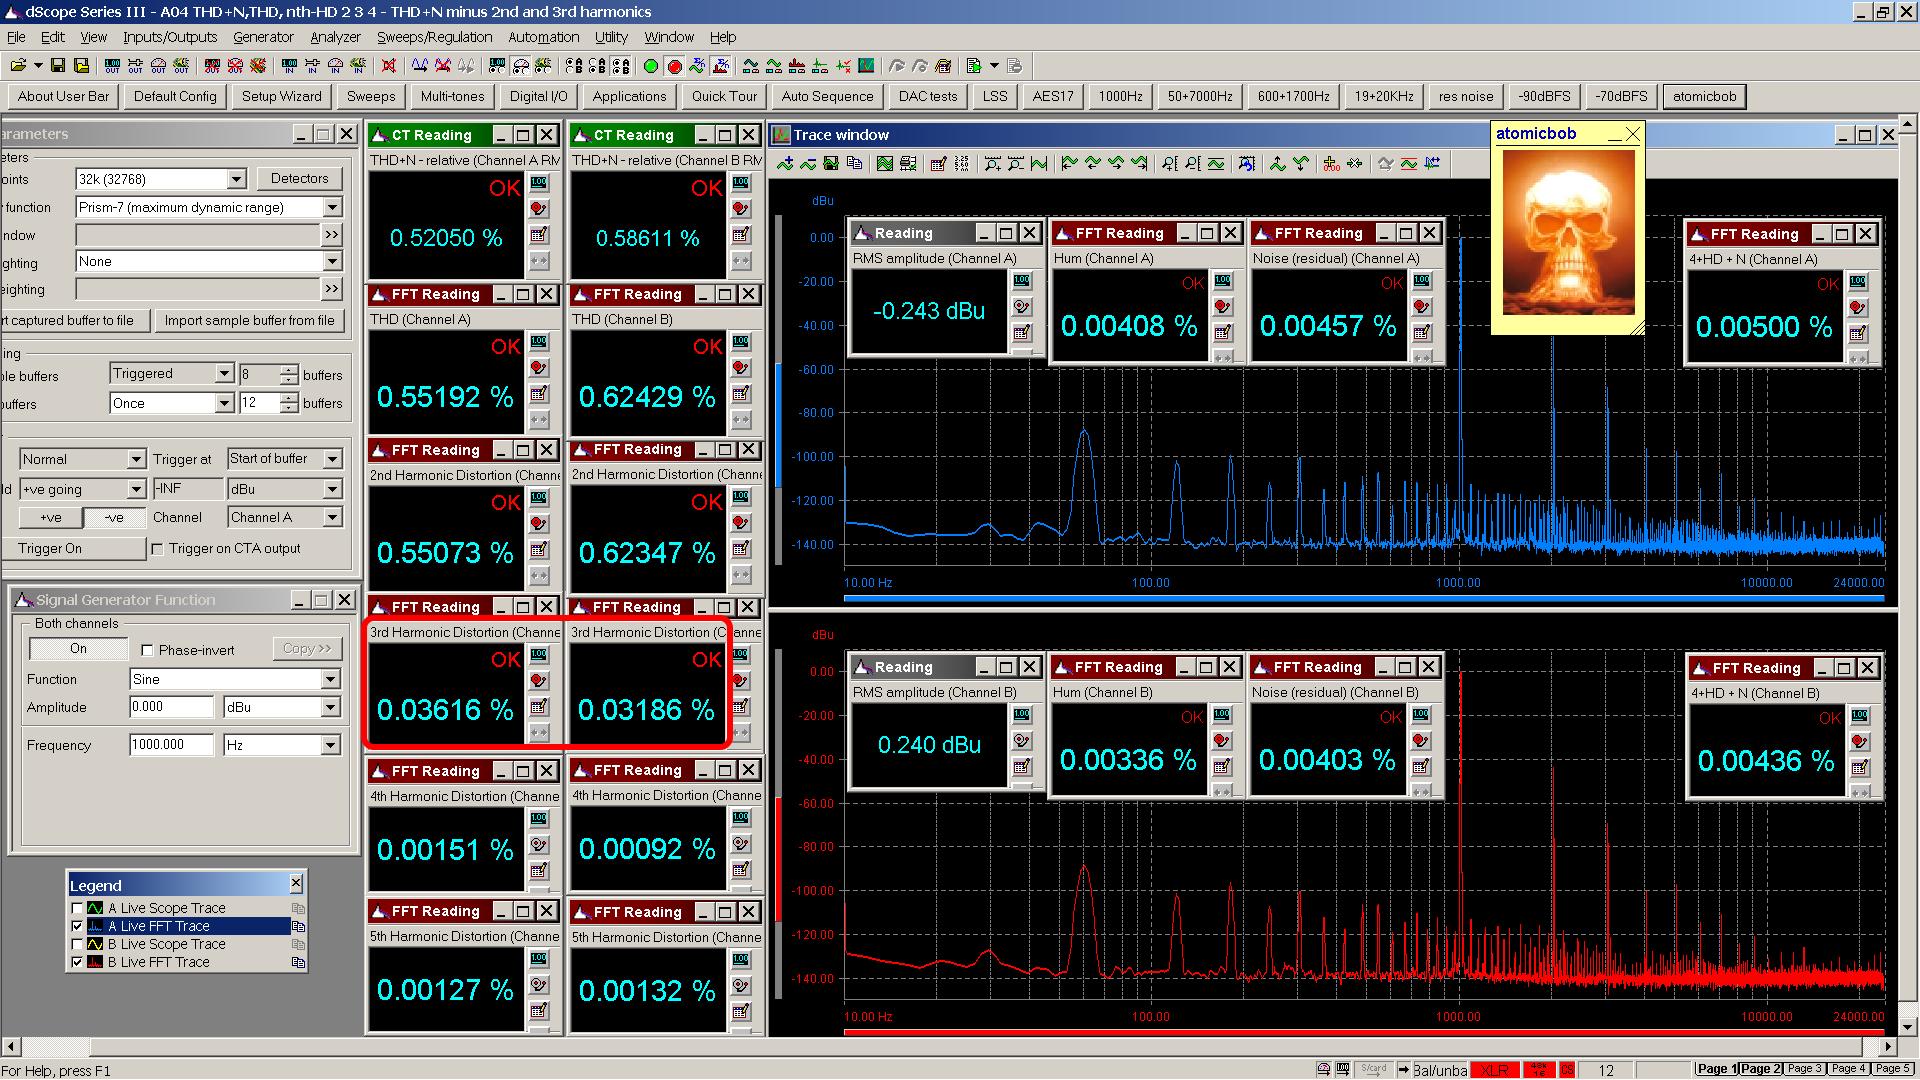 20190930-3 SW51+ 6Z51P A04 THD+N  THD  nth-HD FFT 300R HiZ - 4+HD+N with 60Hz 0dBu - 3rd harm.png